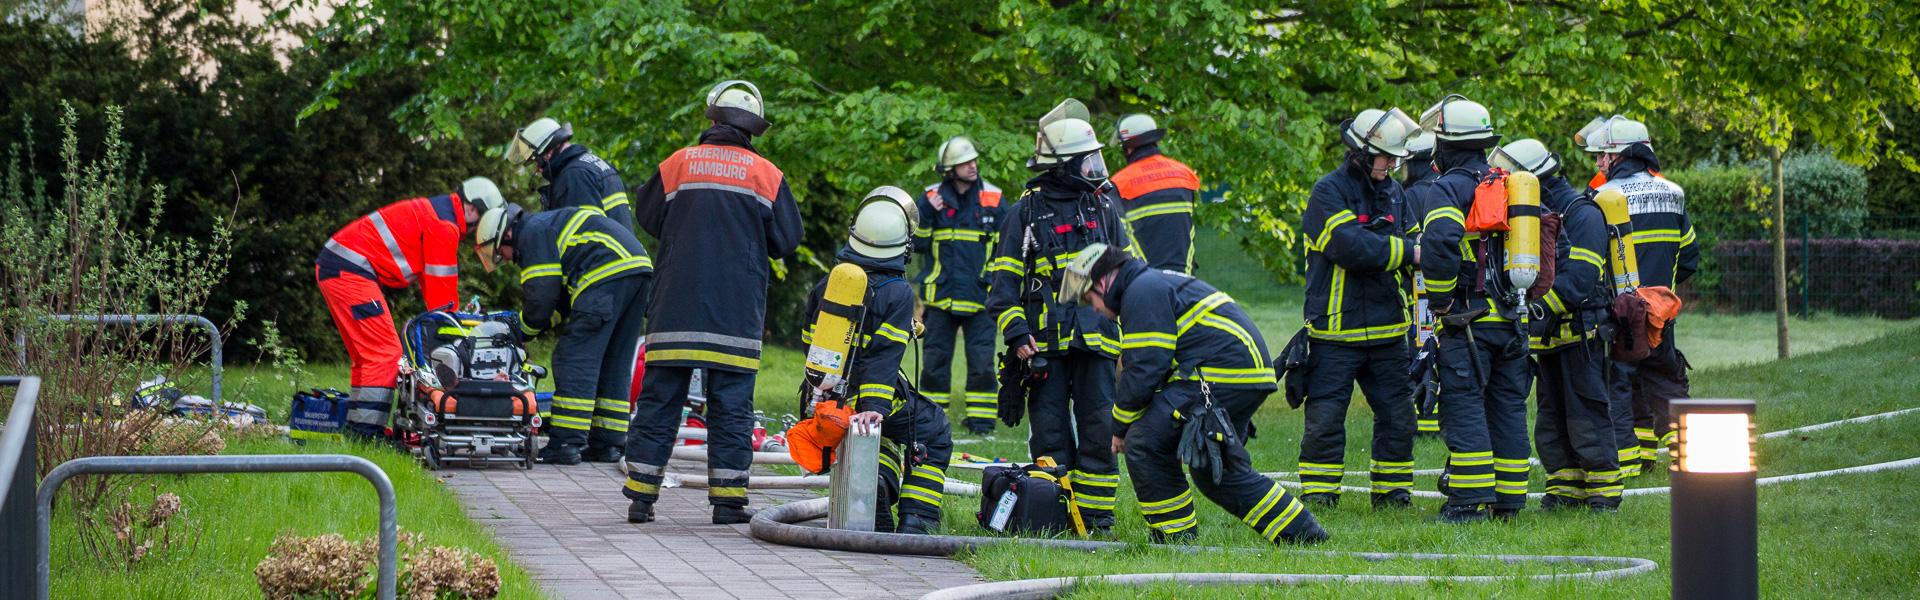 02.05.2018 – Mehrere Verletzte durch Wohnungsbrand